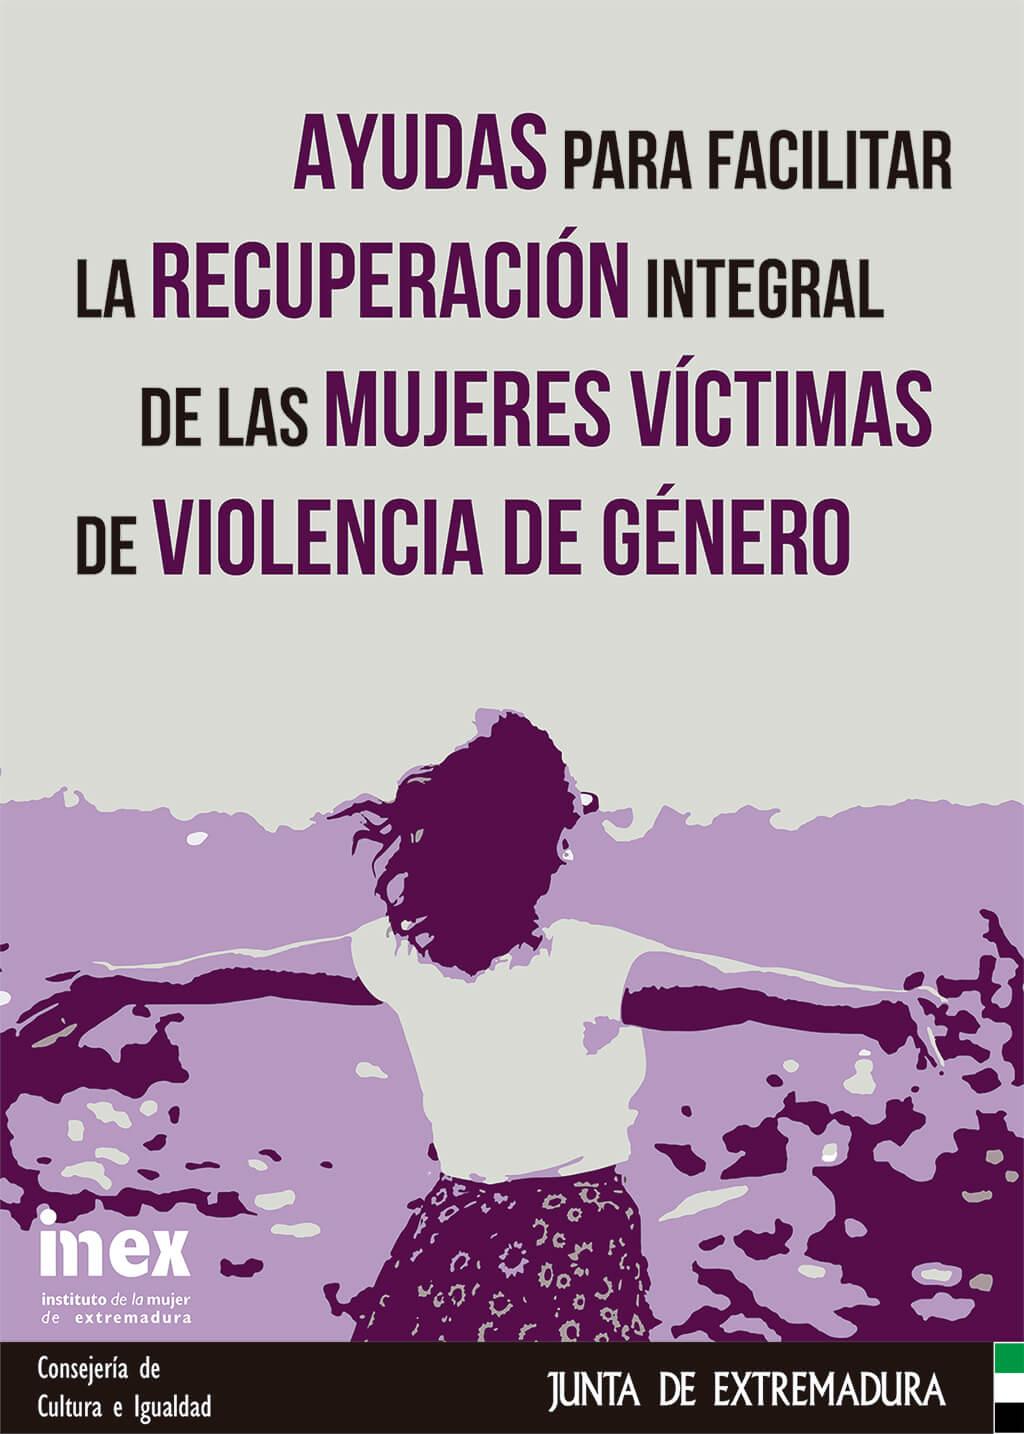 Cartel: Ayudas para Facilitar la Recuperación Integral de las Mujeres Víctimas de Violencia Género